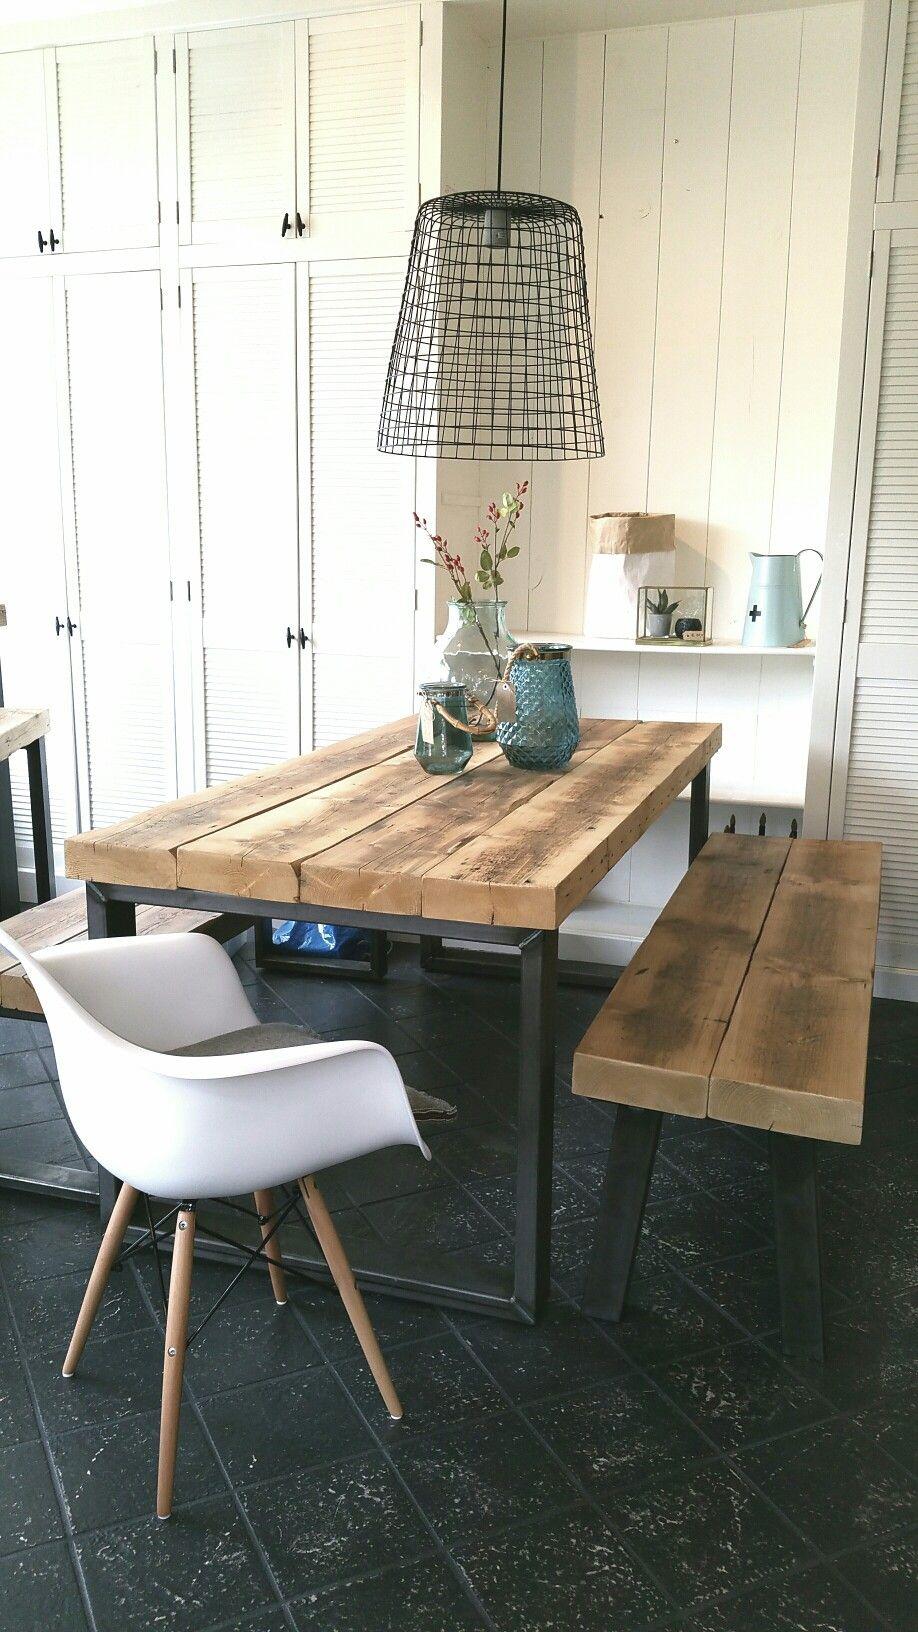 Eettafel Met Stoelen En Bank.Pin Van The Styled Home Op Modern Farmhouse Eettafel Bank